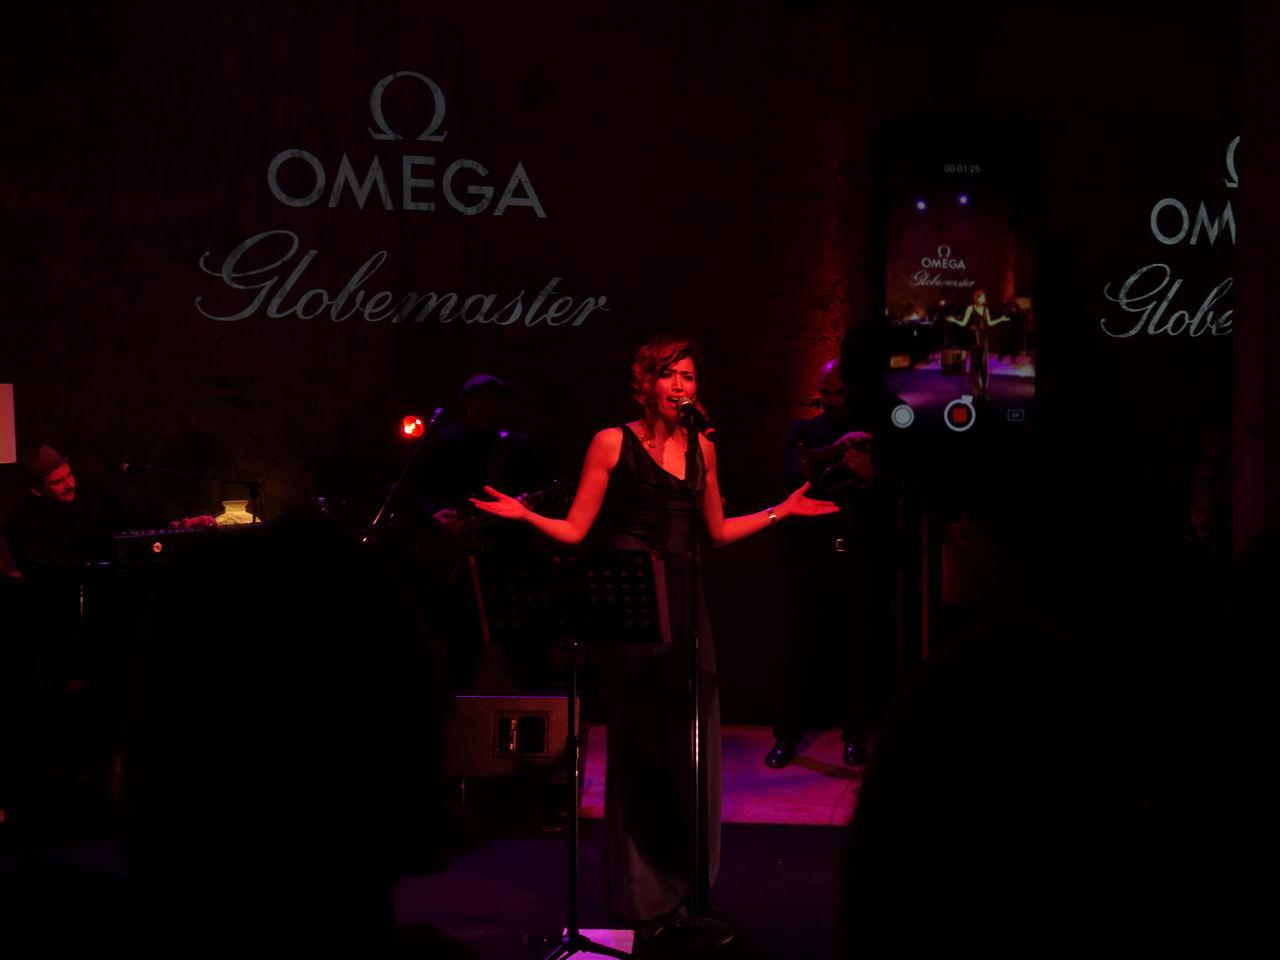 omega-presenta-la-collezione-globemaster-cracco-nina-zilli-milano-metas_0-10010